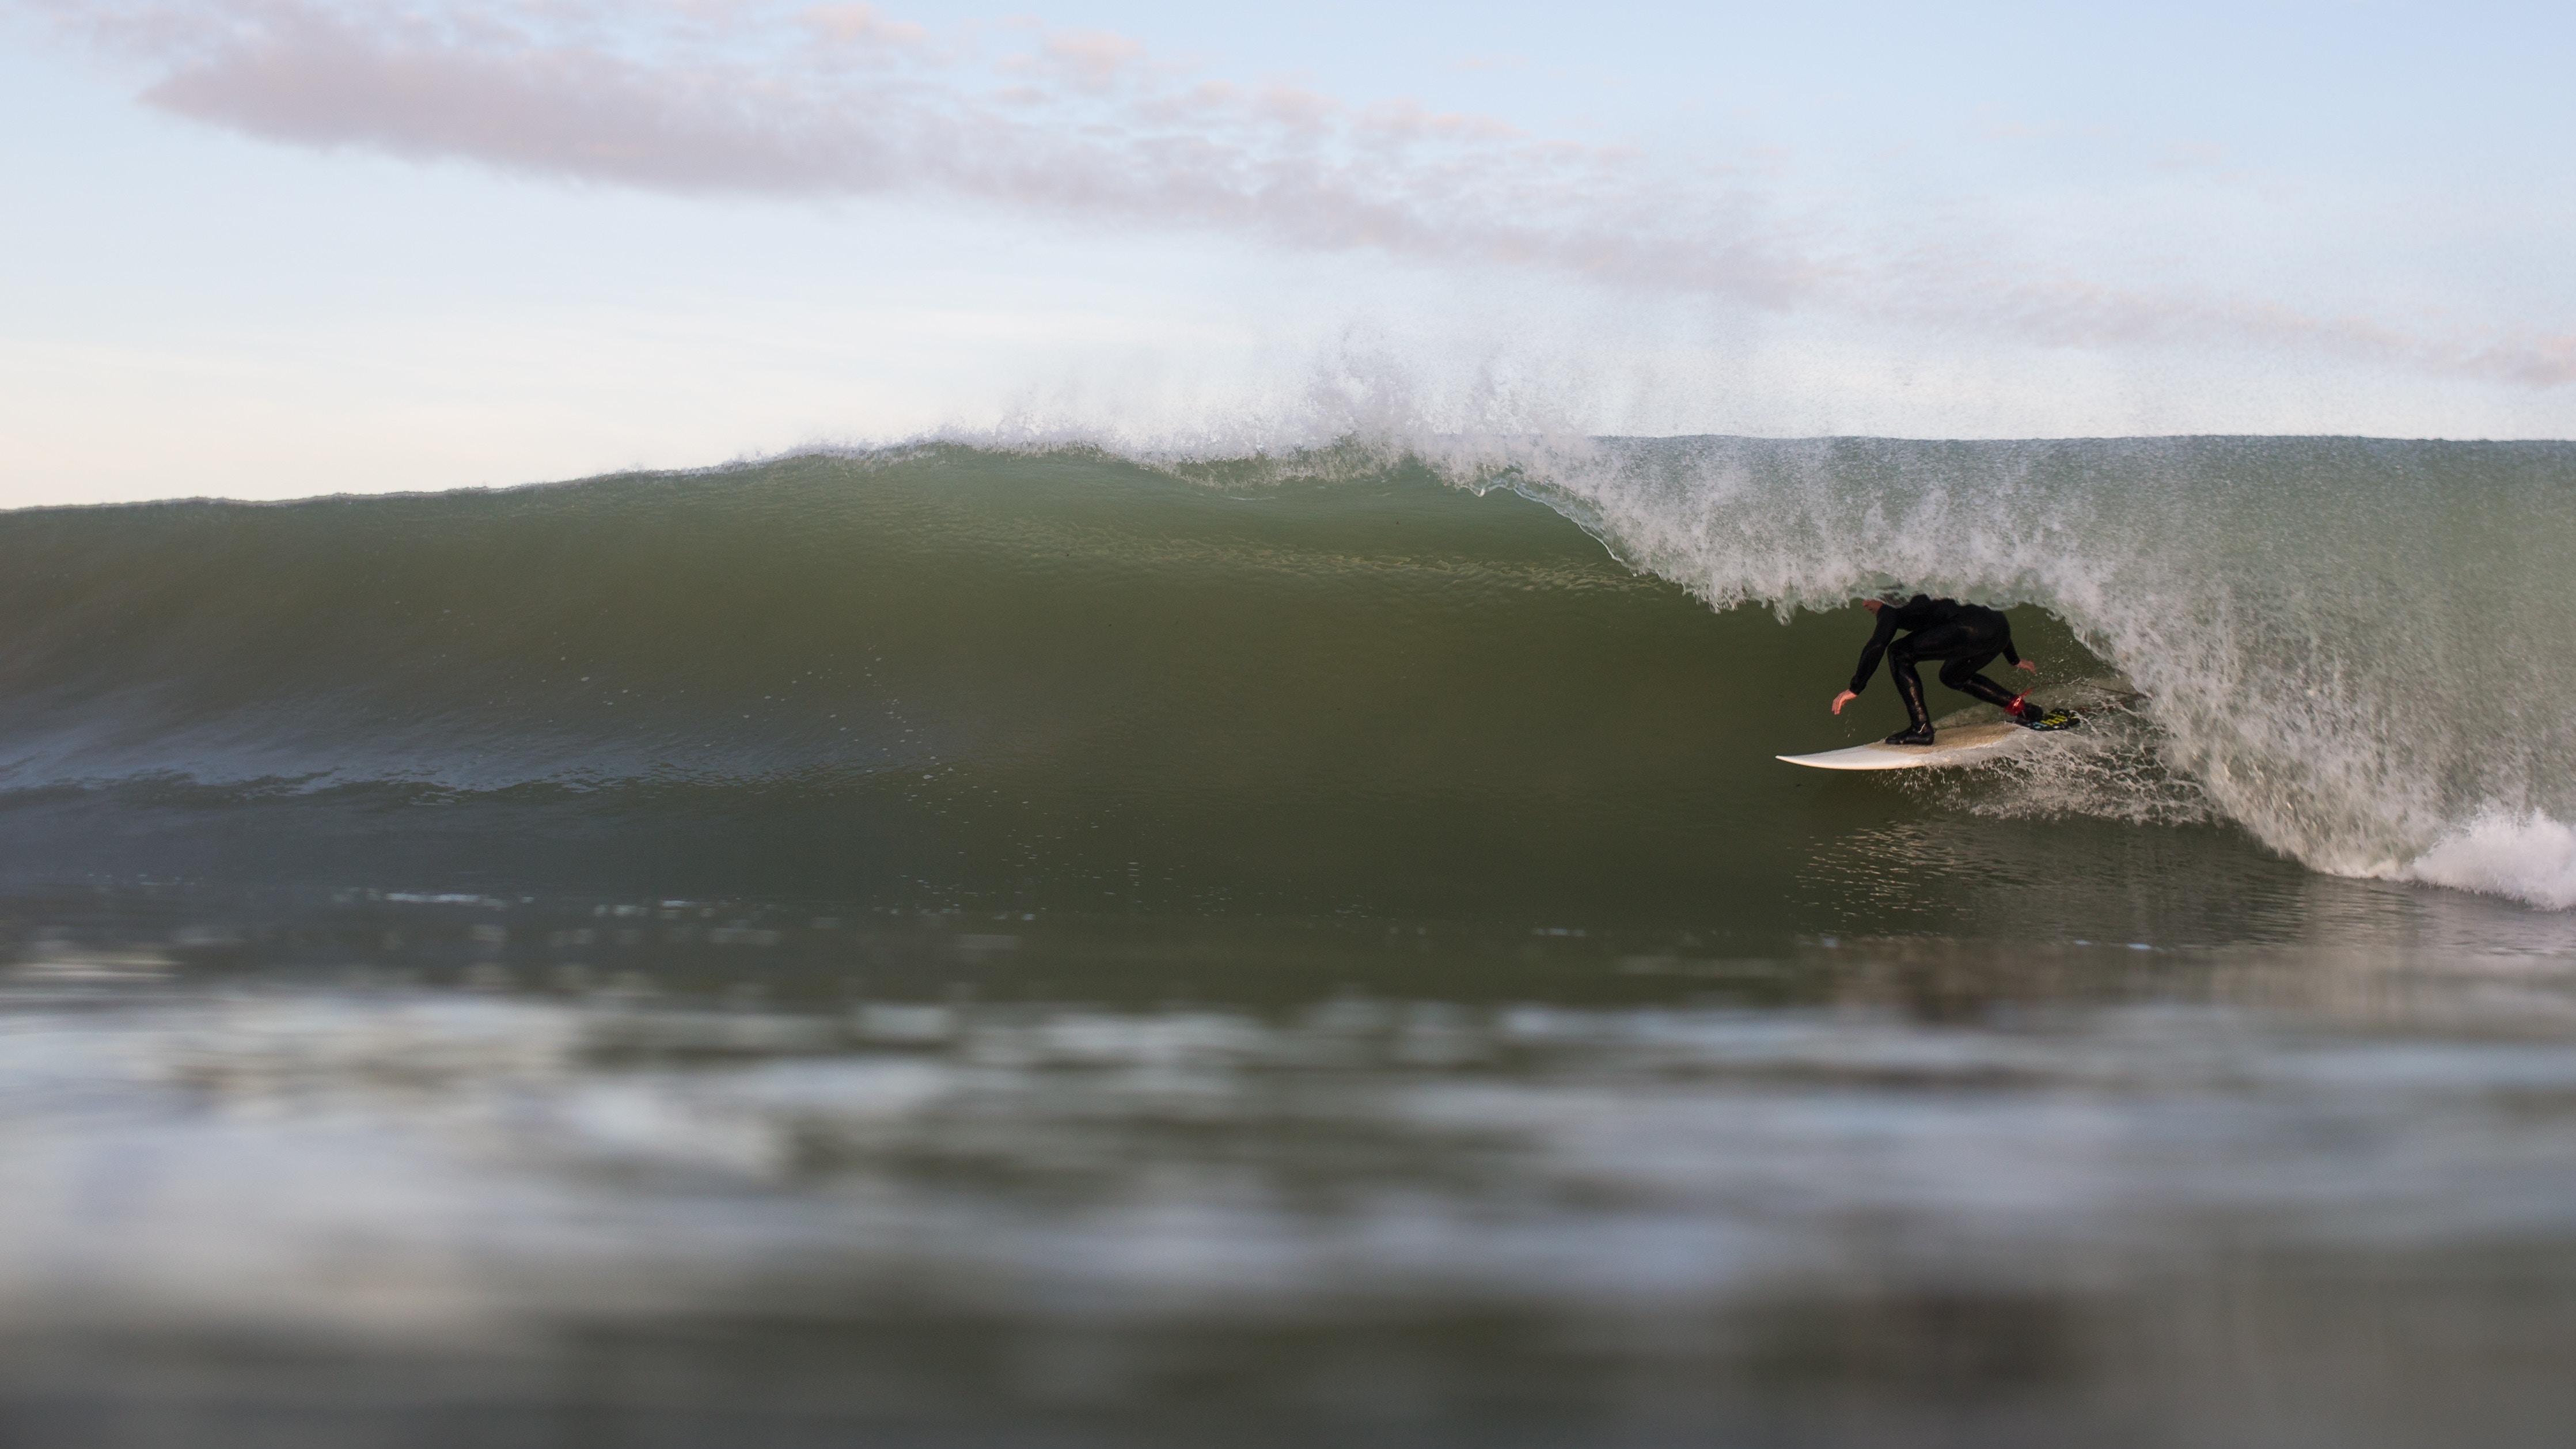 Plage de surf du Petit Bec, Les Portes-en-Re